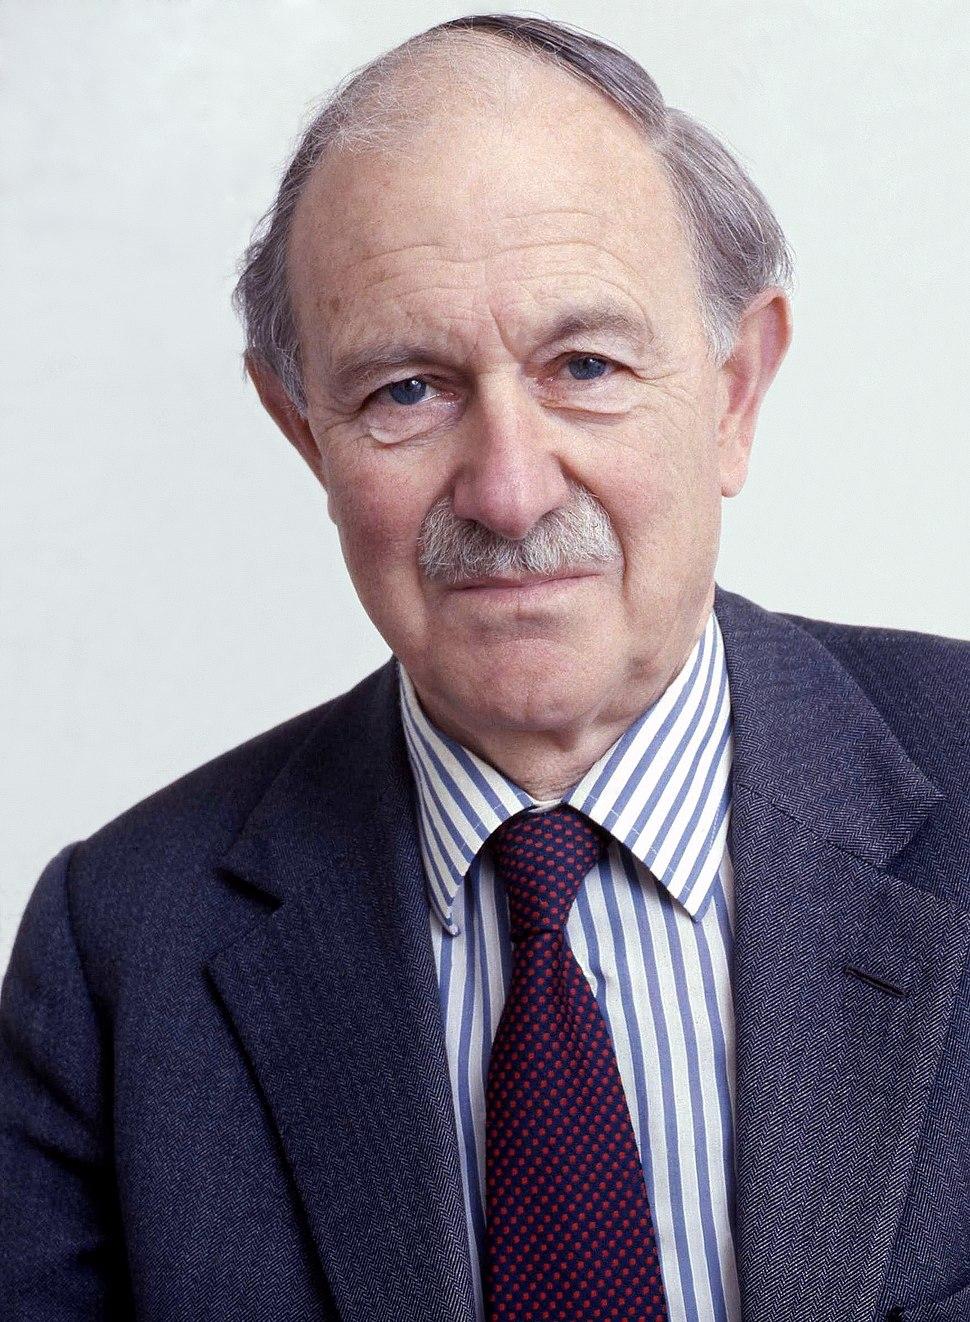 17th Duke of Norfolk Allan Warren